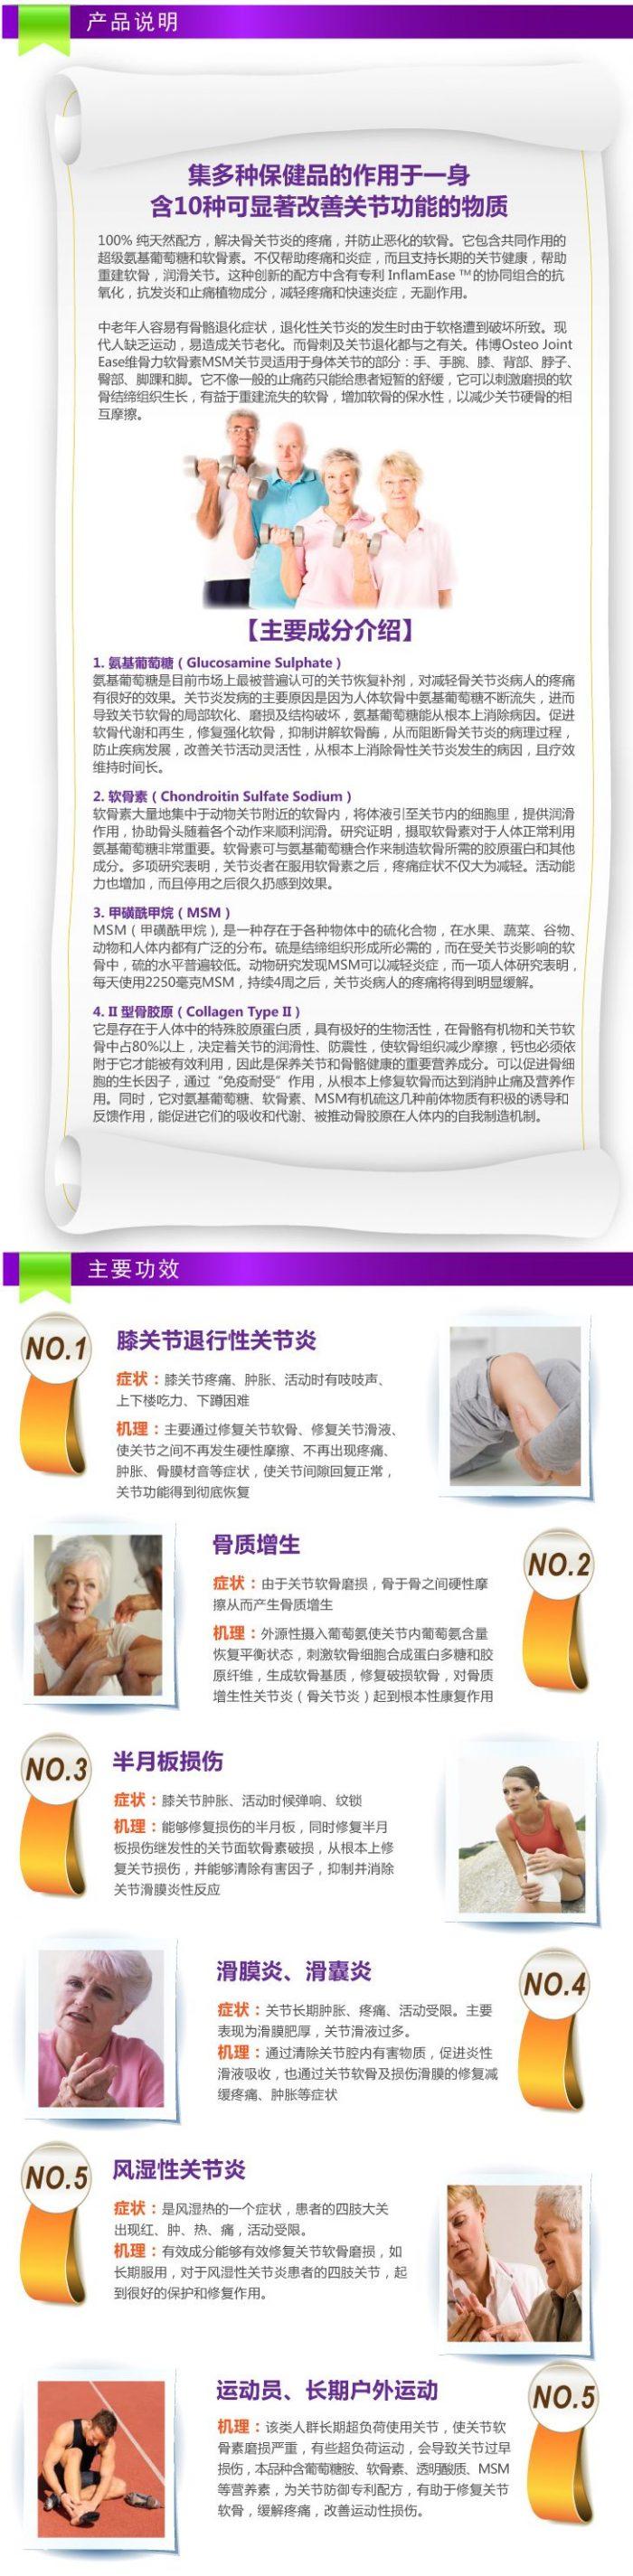 保护骨骼关节健康!Webber Naturals 葡萄糖胺软骨素MSM片(120粒)15.17加元,原价 26.32加元